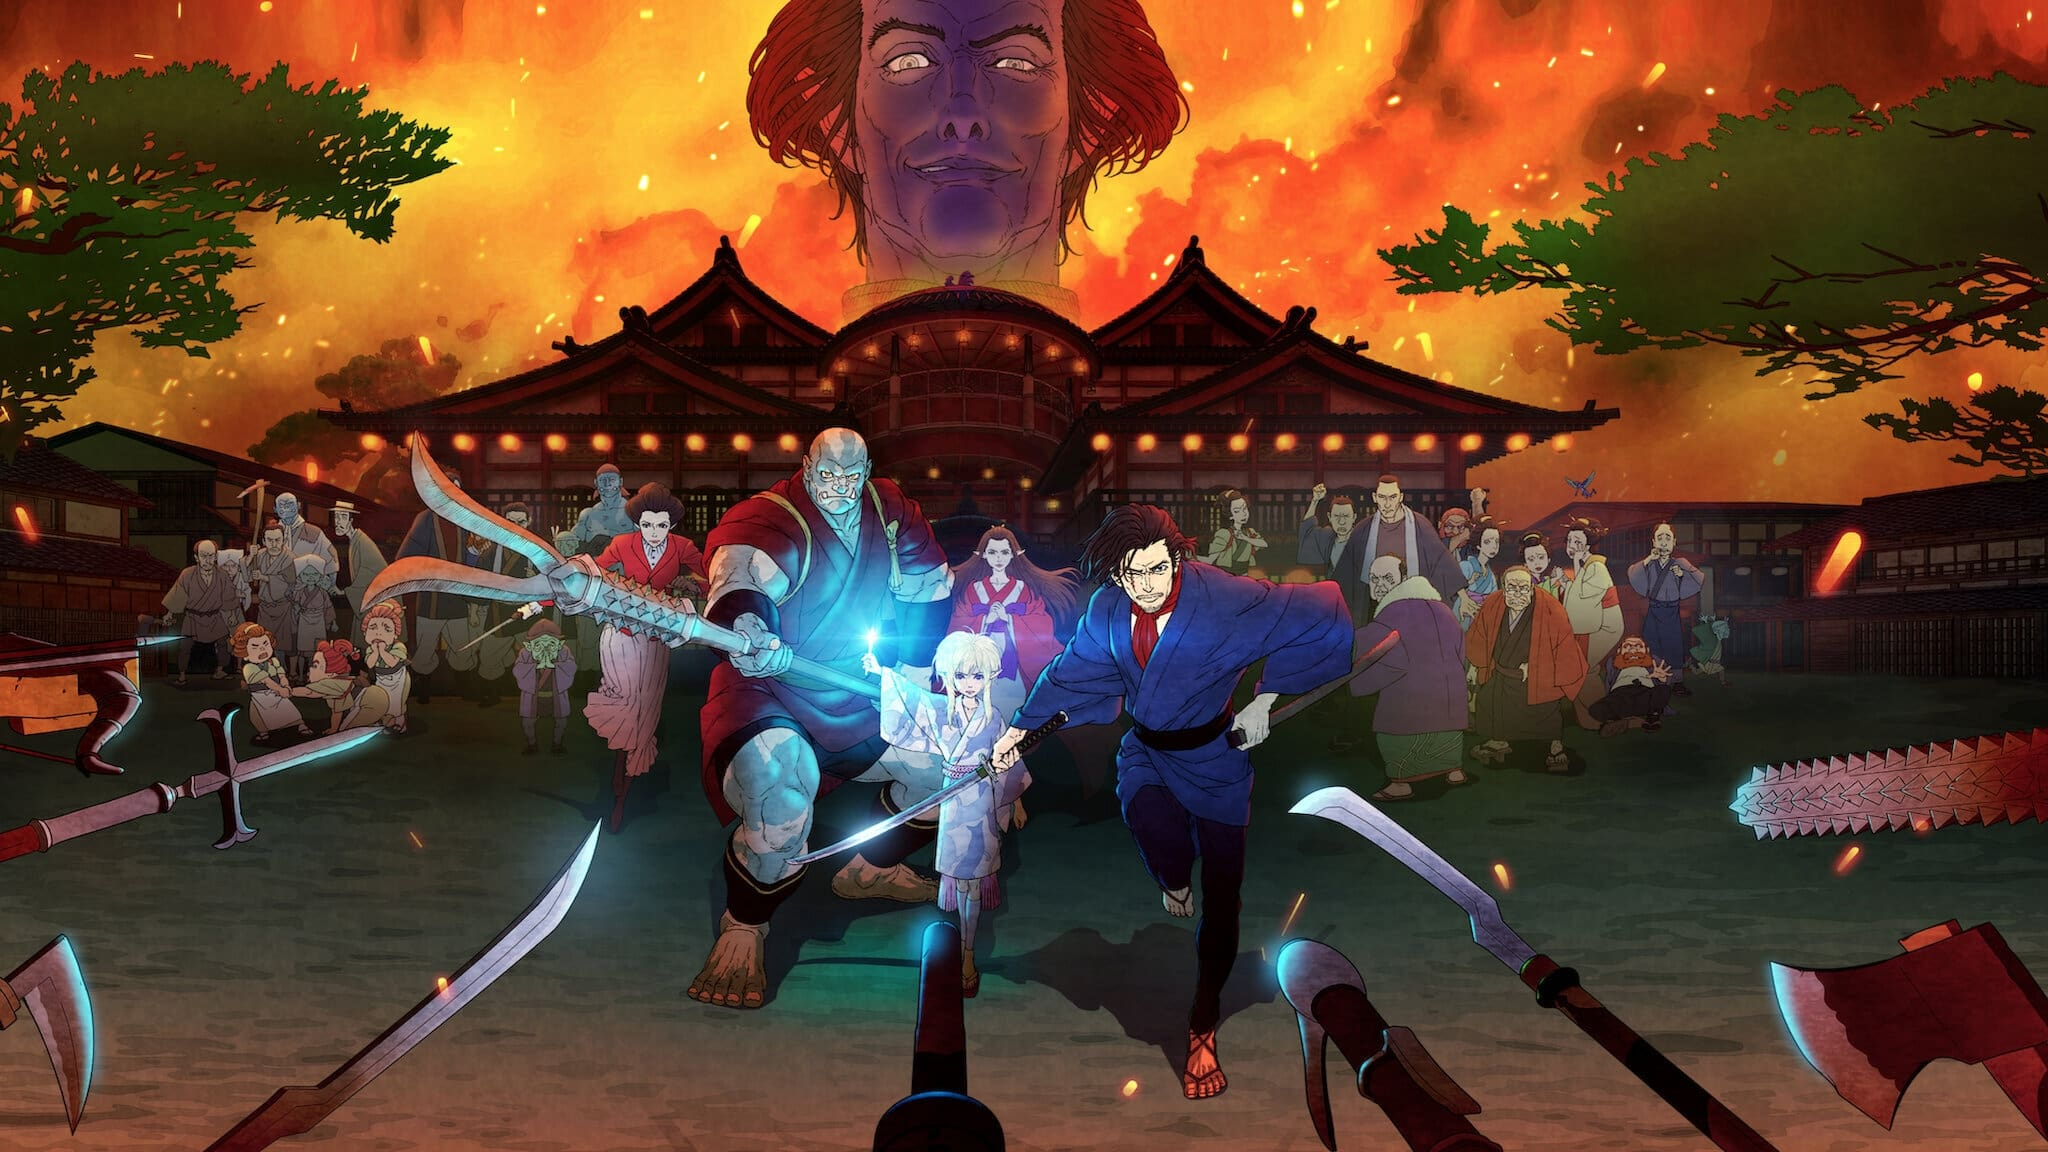 光灵:武士之魂 Bright: Samurai Soul (2021)  Netflix 中文字幕